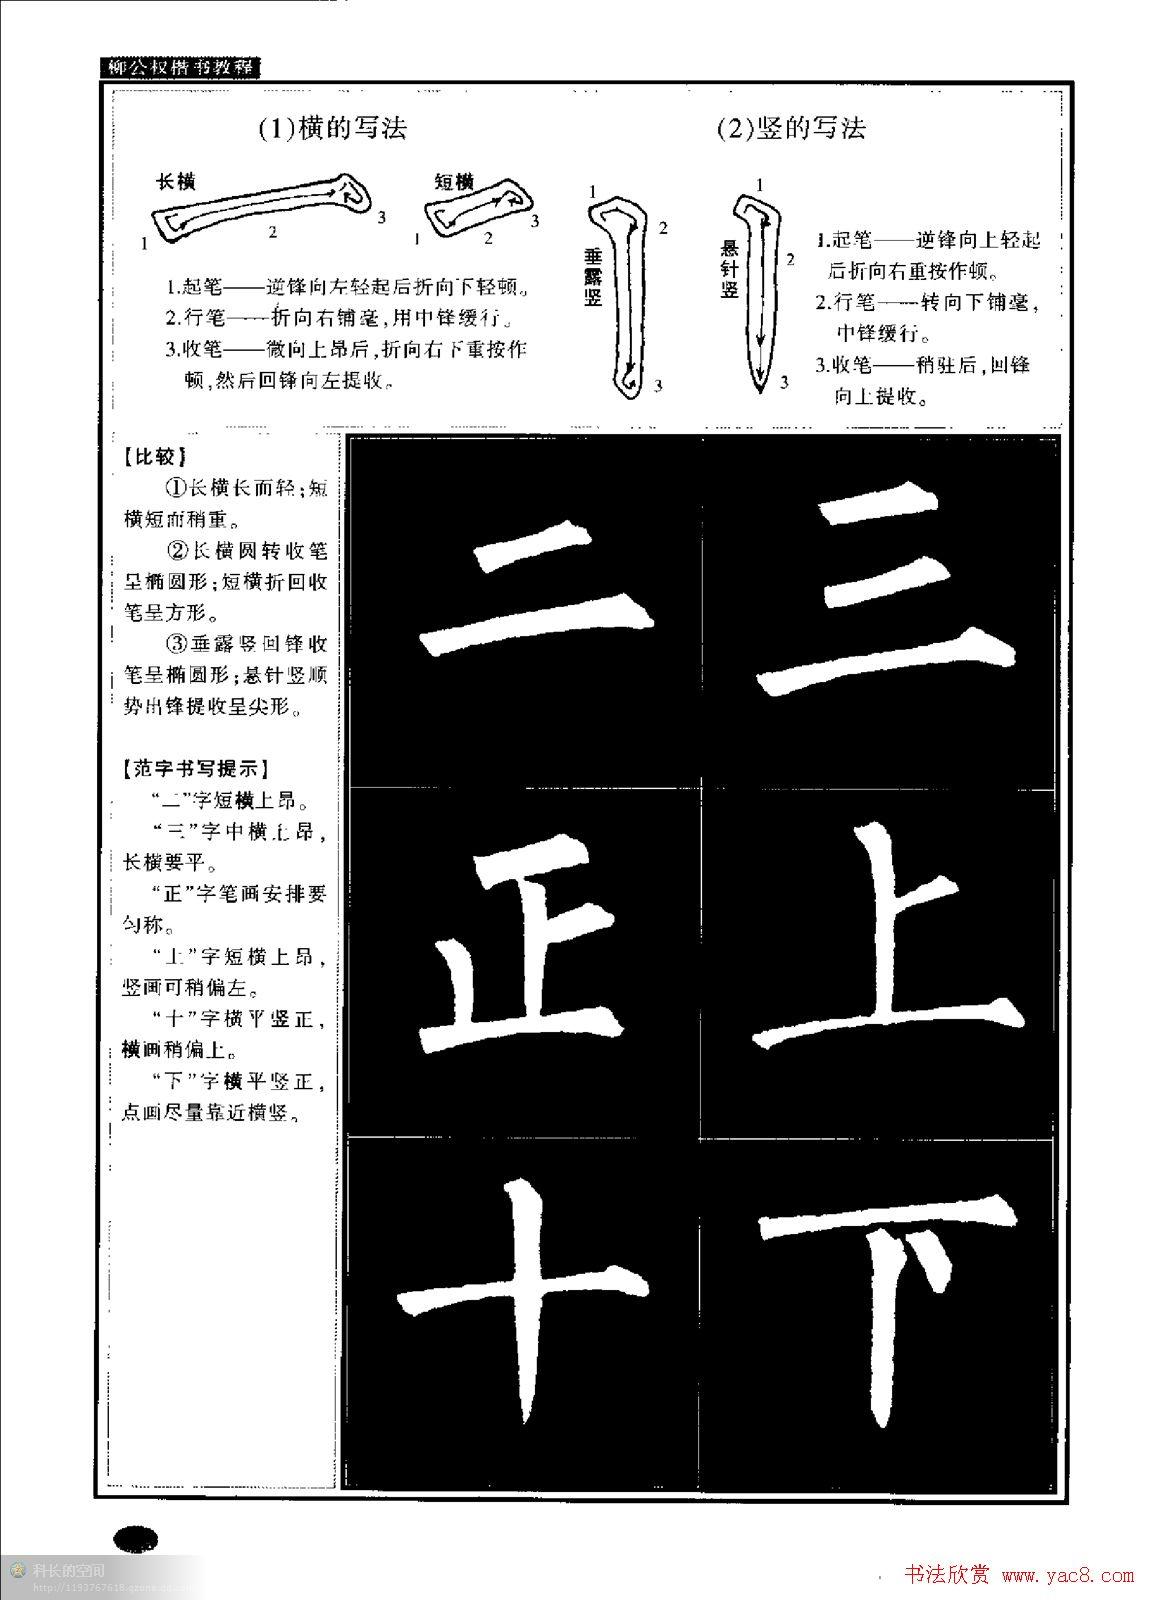 柳公权书法字帖:柳体楷书教程